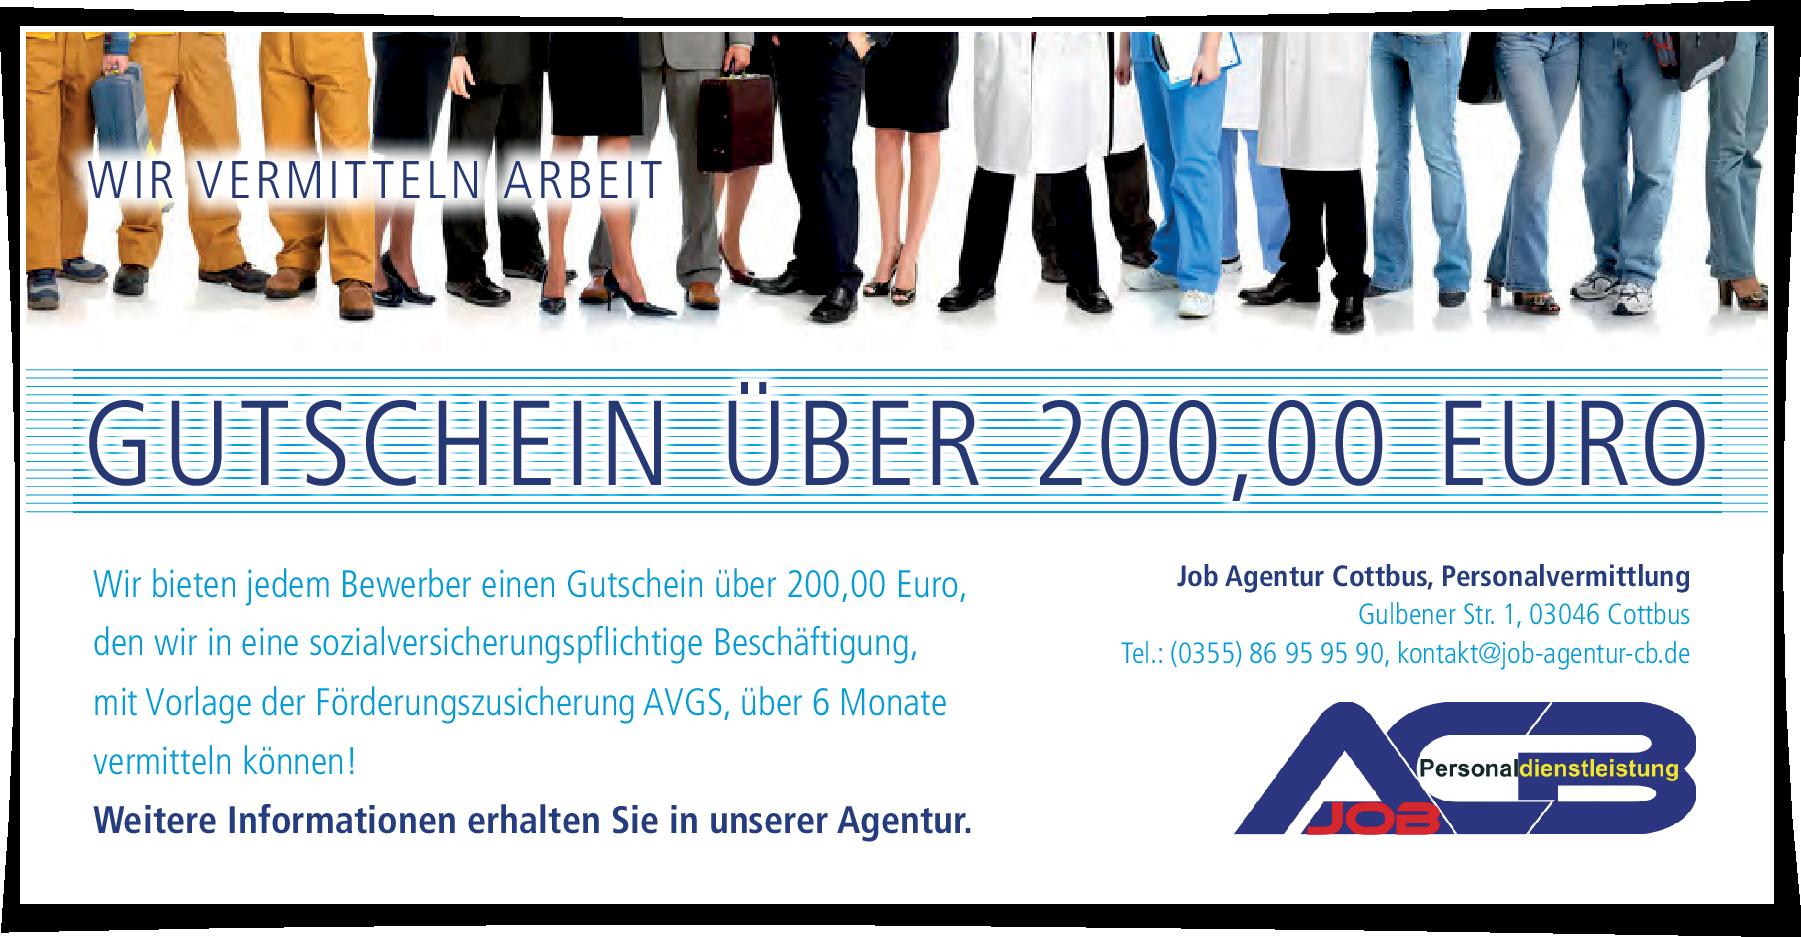 Wir bieten jedem Bewerber einen Gutschein über 200,00 Euro, den wir in eine sozialversicherungspflichtige Beschäftigung, mit Vorlage der Förderungszusicherung AVGS, über 6 Monate vermitteln können!